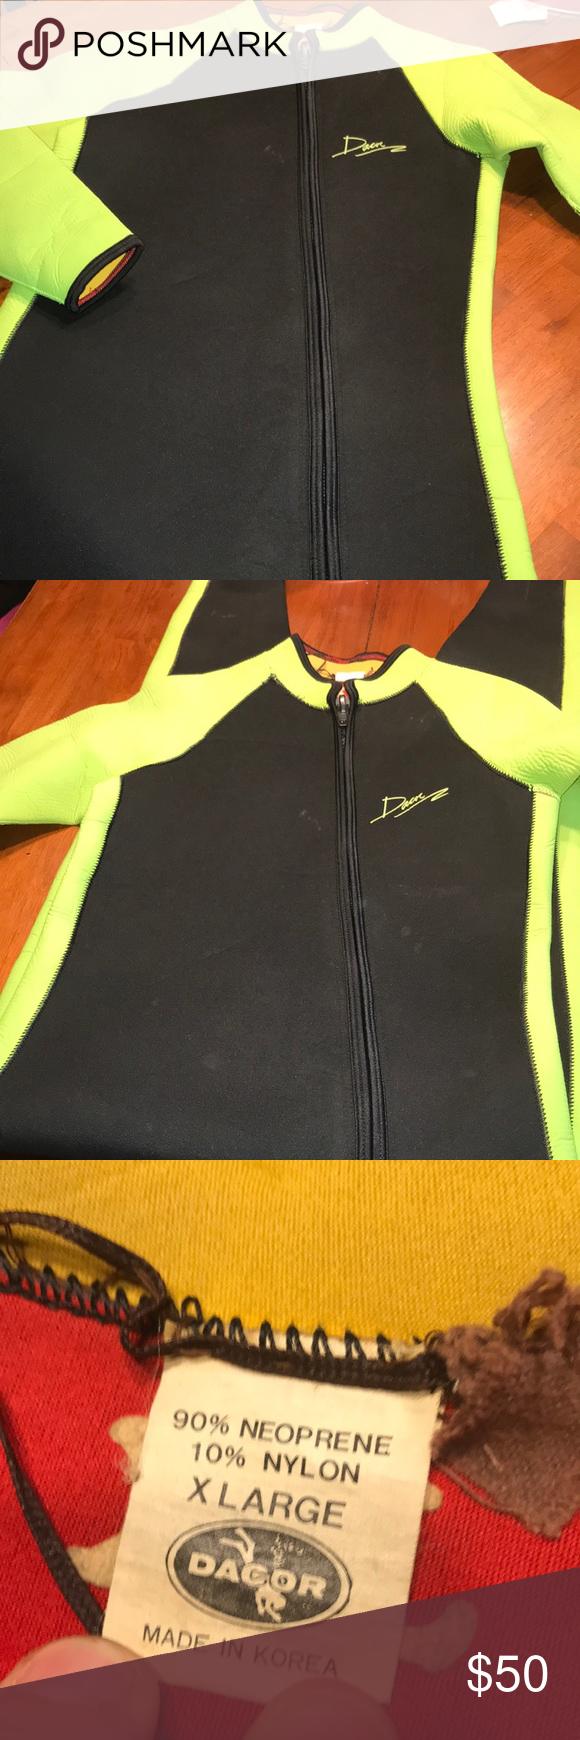 DACOR Flyt Suit - Women s Xl Dive Wetsuit DACOR Flyt Suit - Women s Xl Dive  Wetsuit - Long Sleeves - Green Black dacor Accessories feef7988a